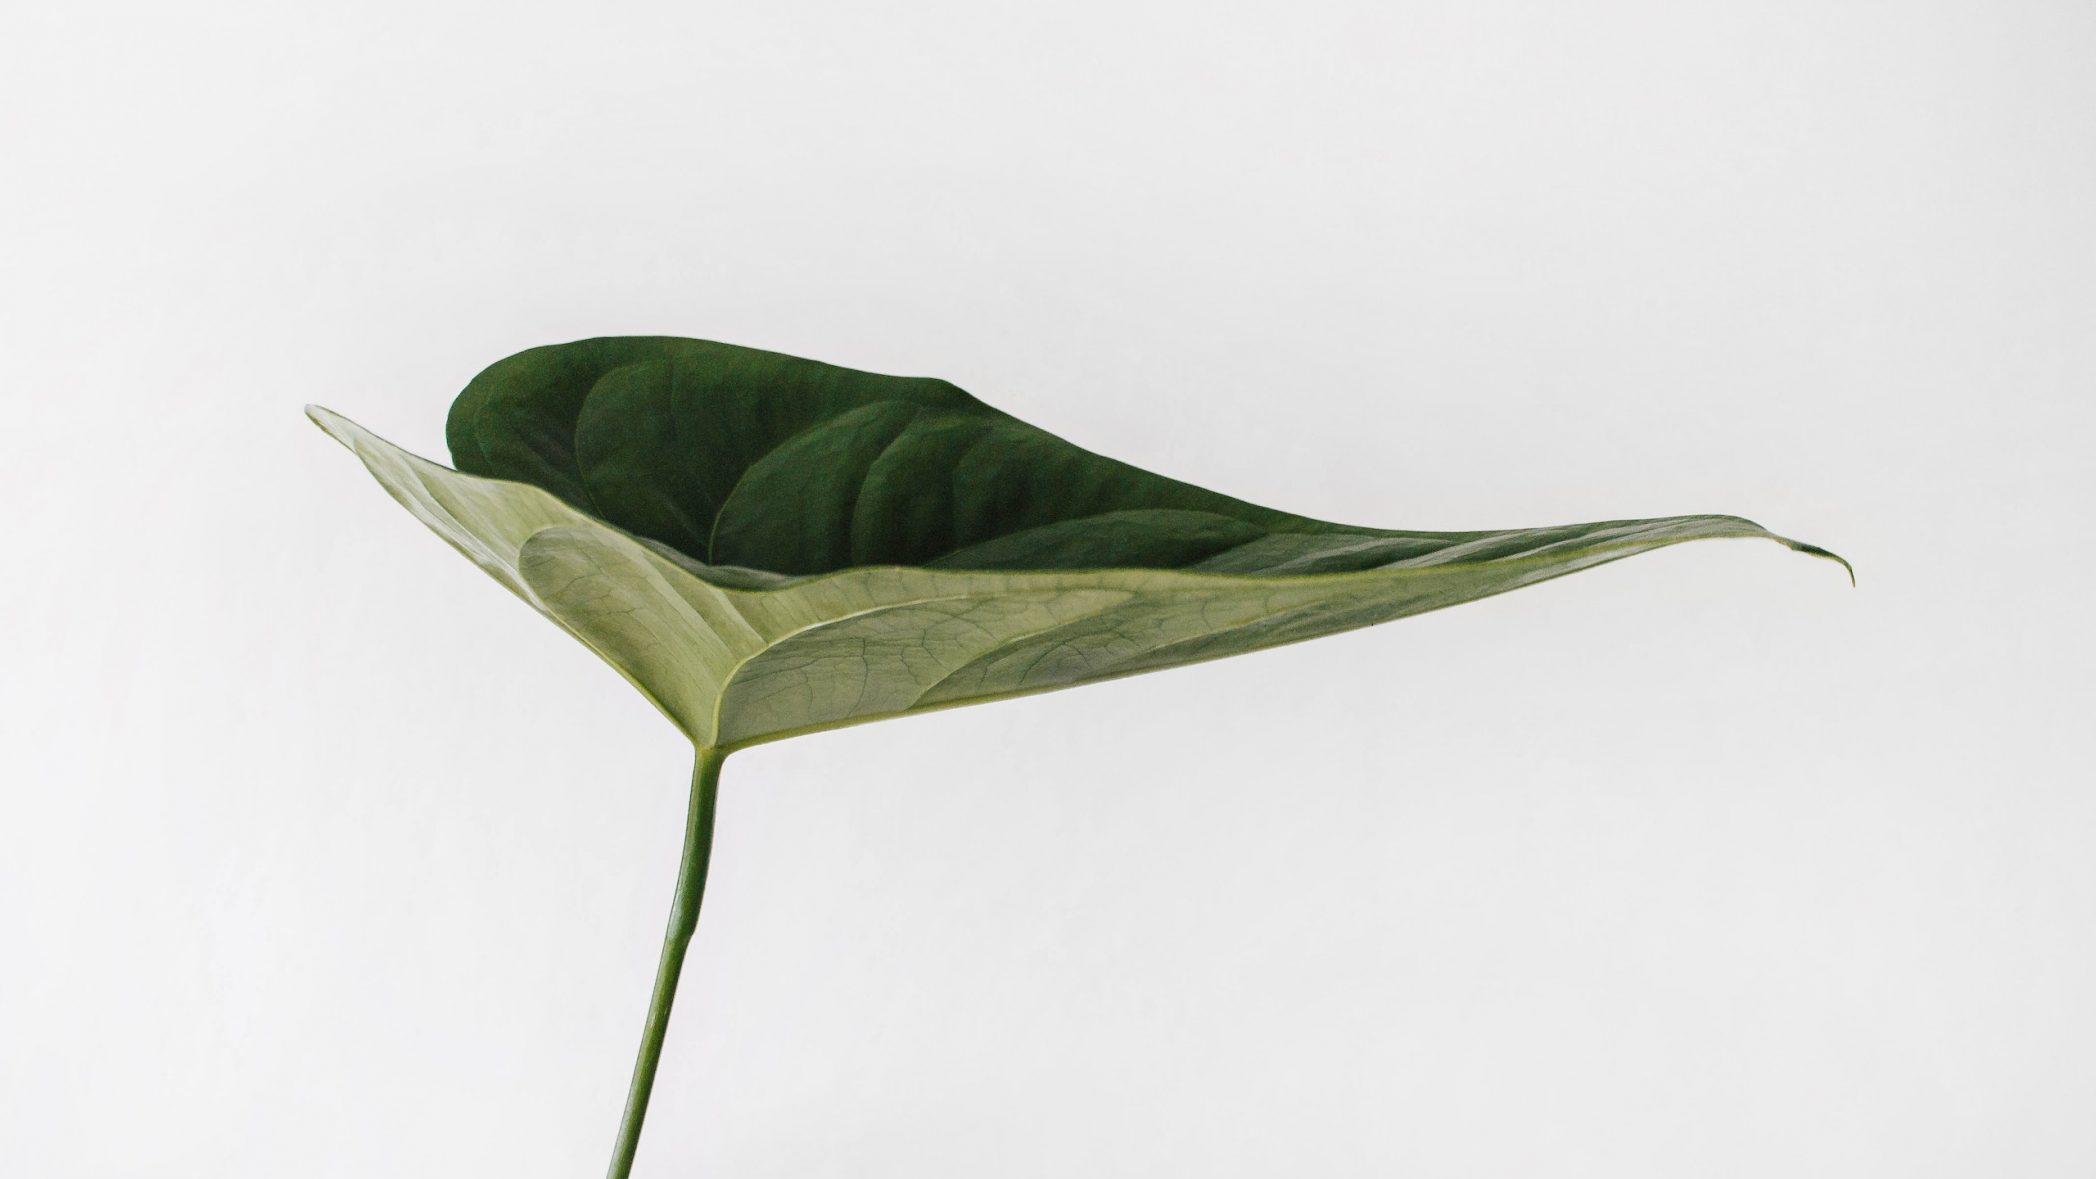 Ein grünes Blatt, das eine Mulde bildet